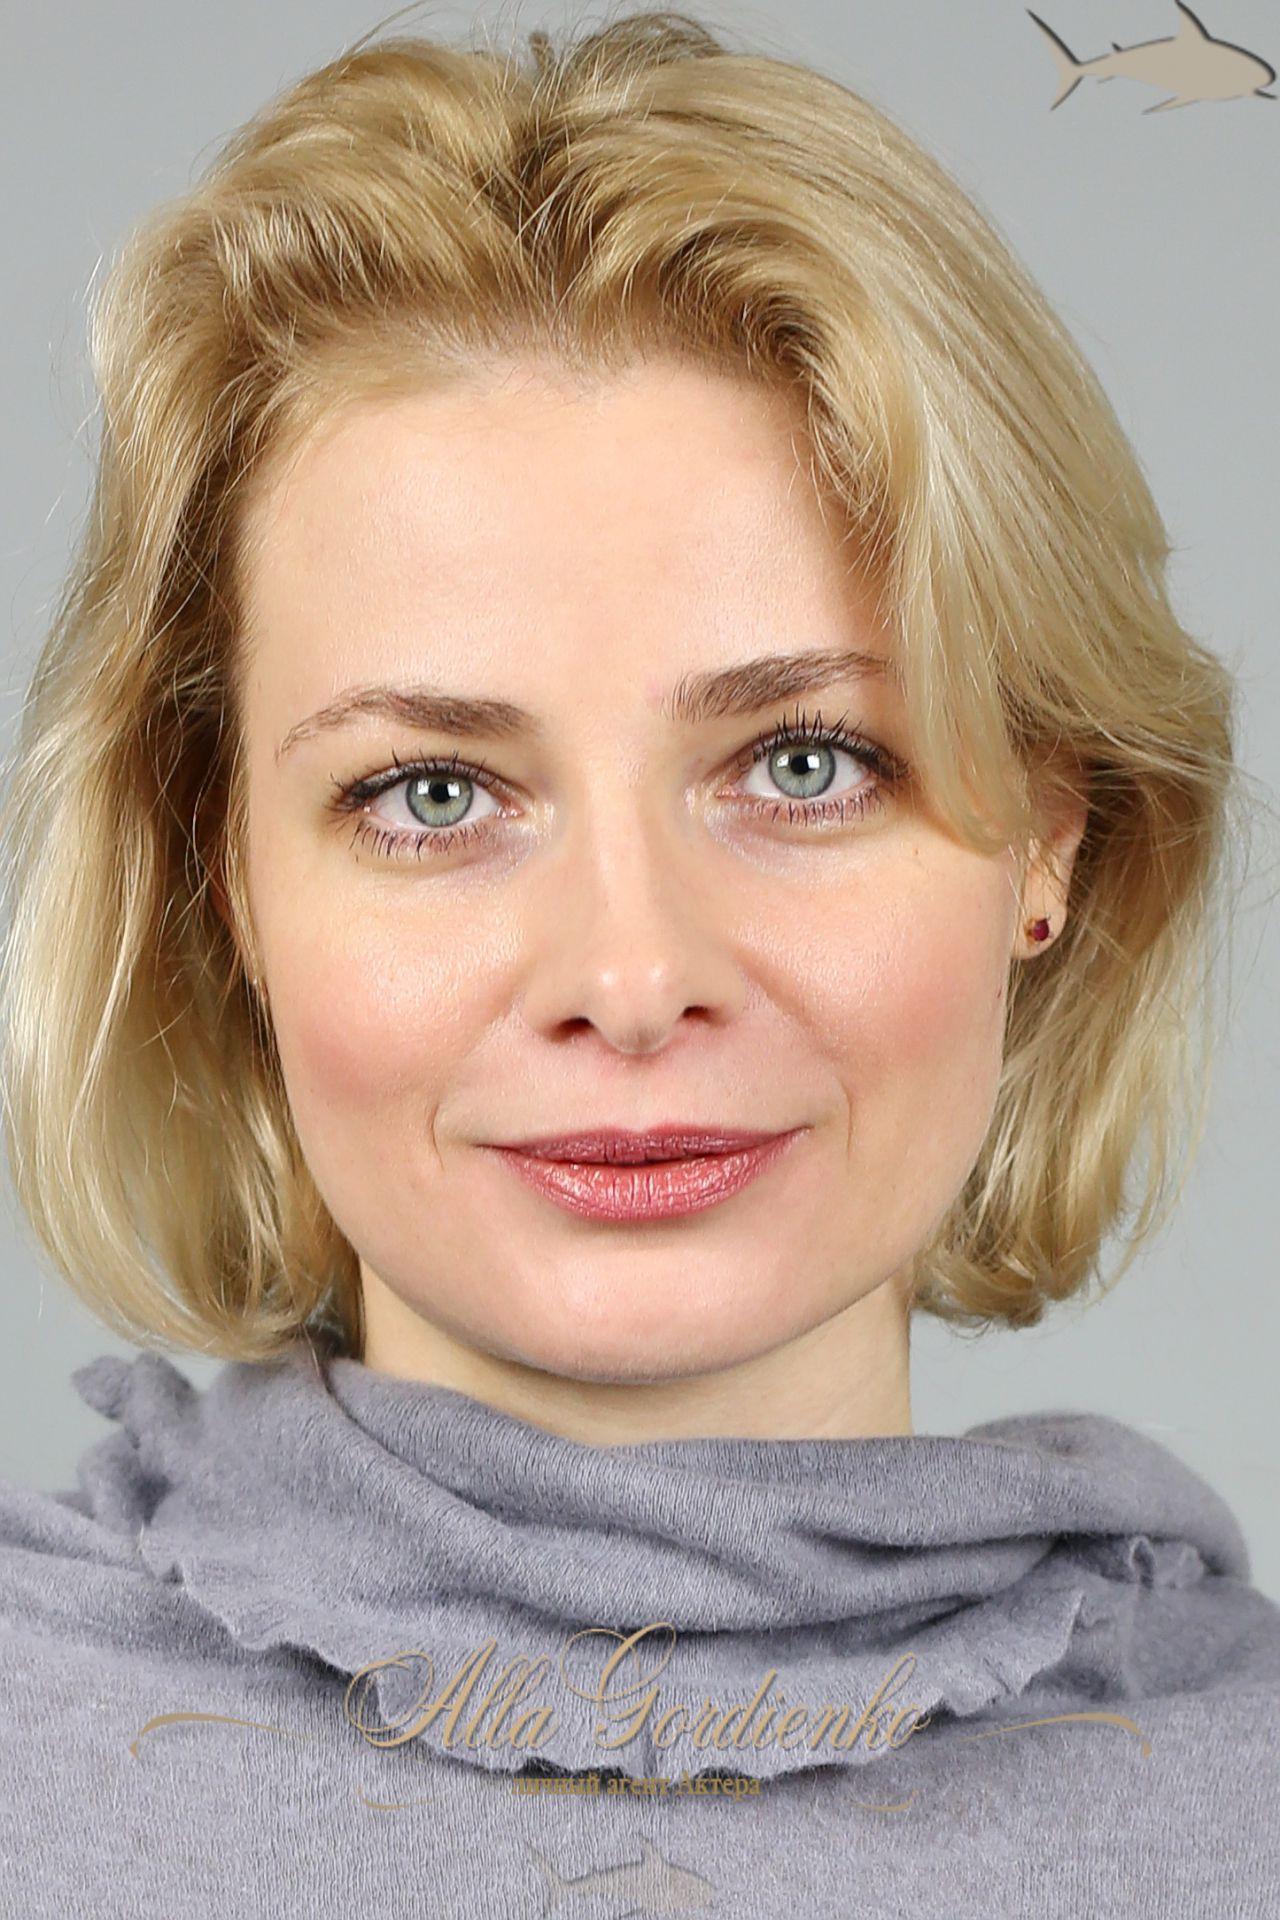 Сегодня свой день рождения отмечает Соболевская Яна Владимировна.